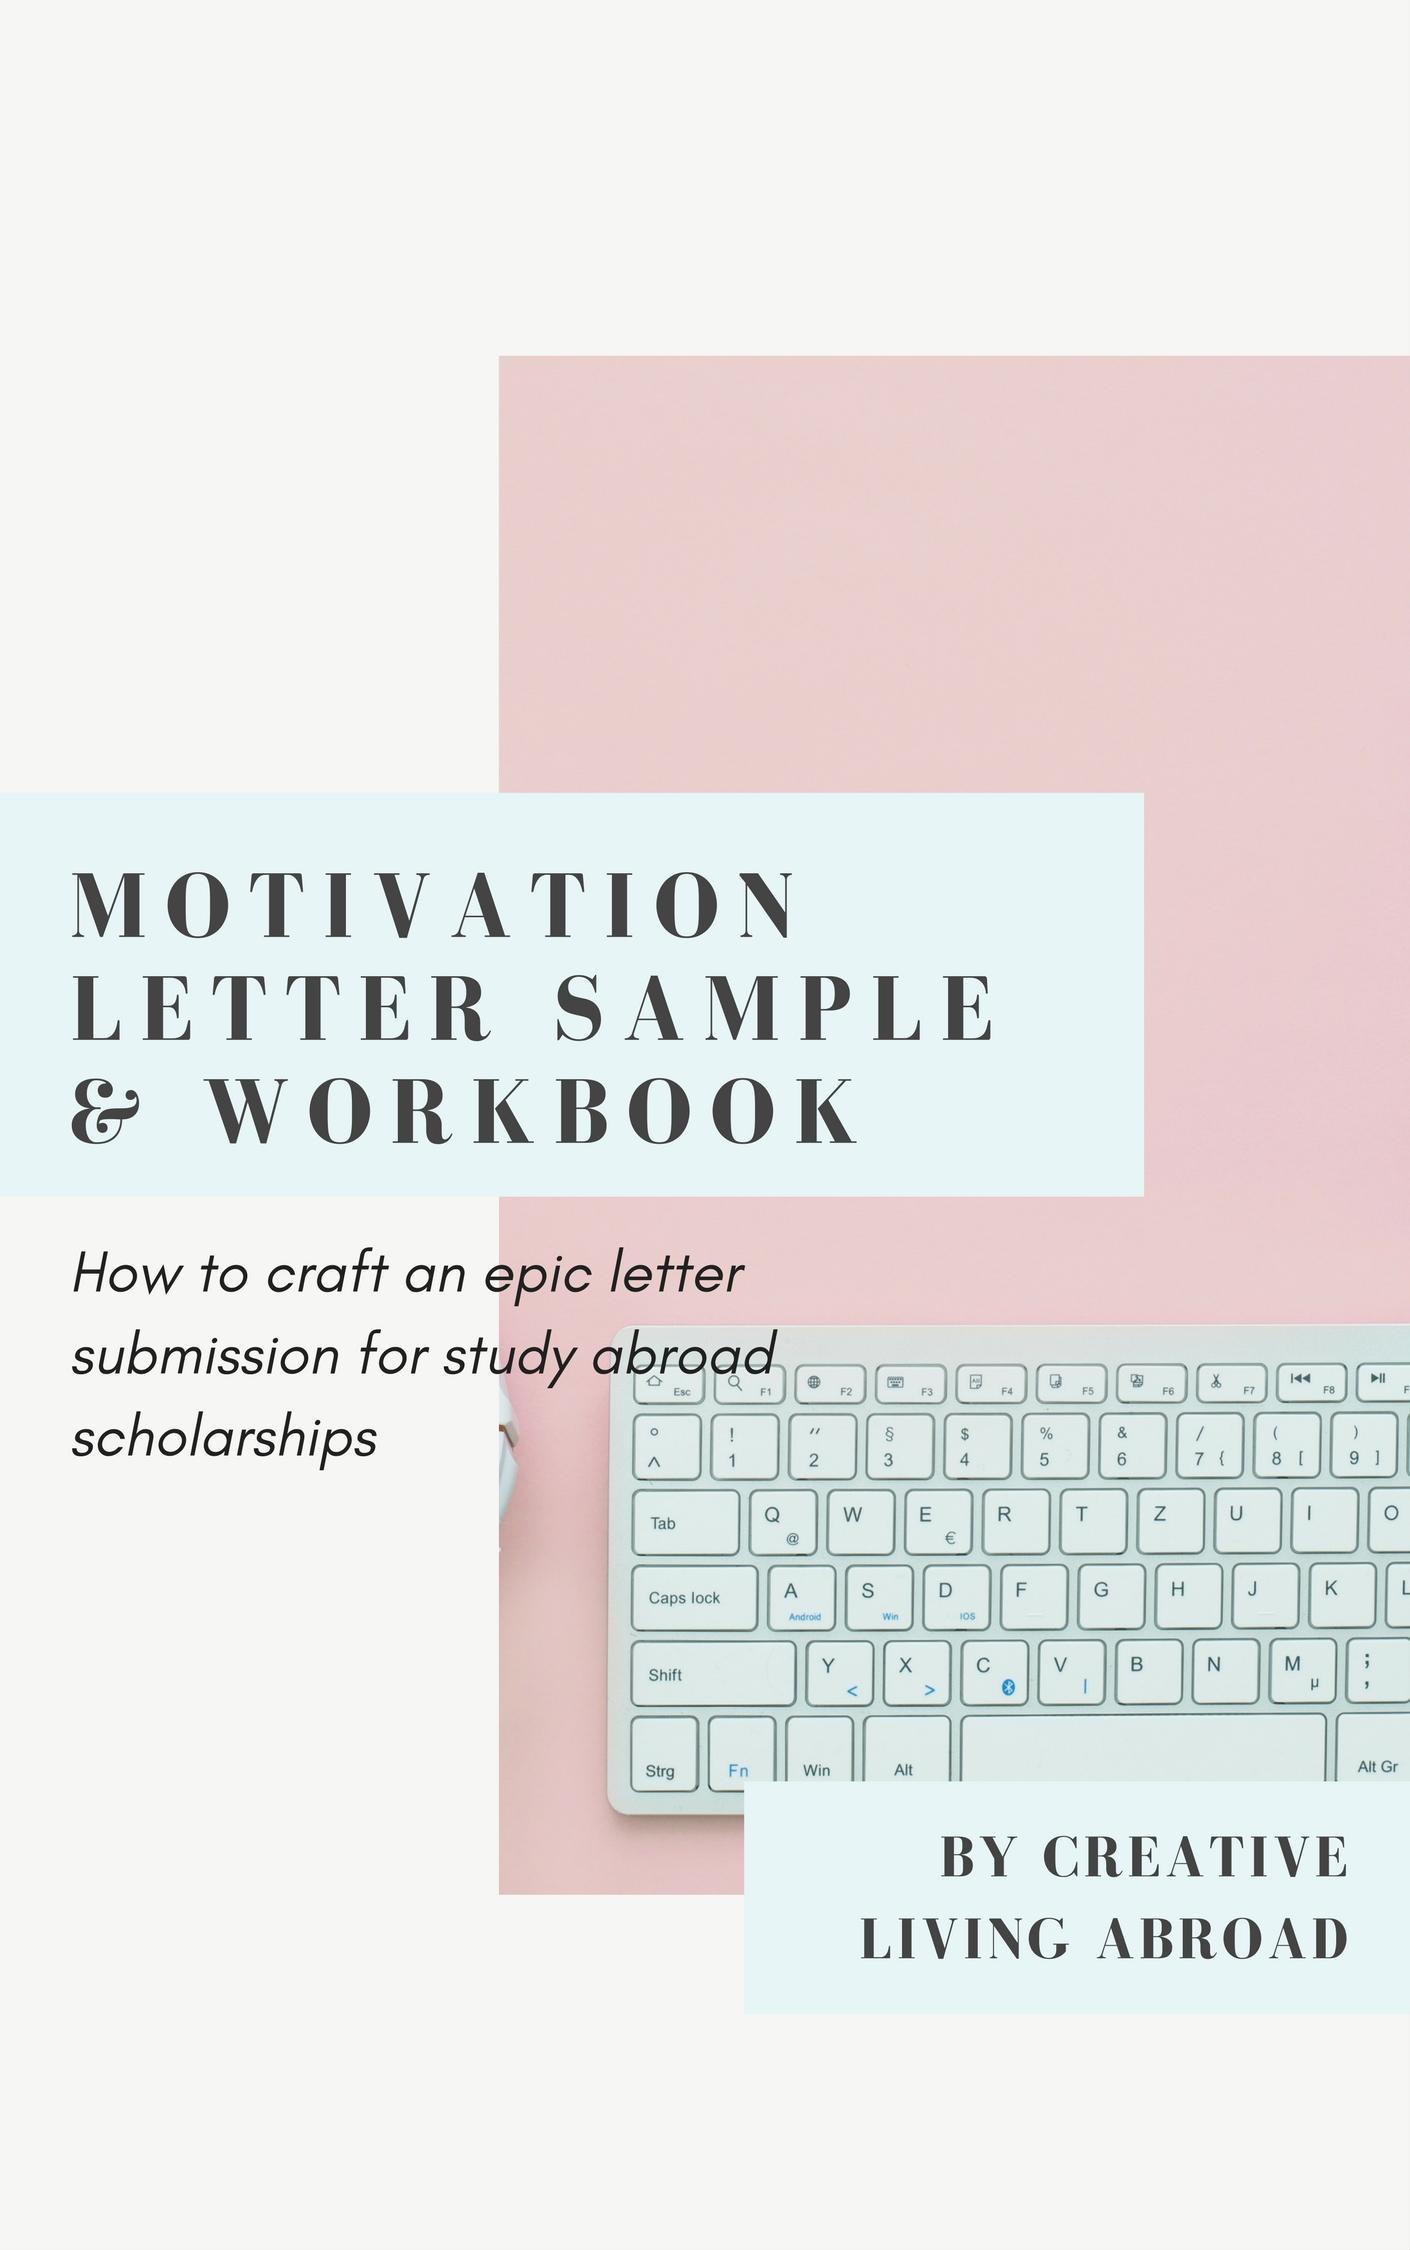 motivation letter scholarships sample and workbook